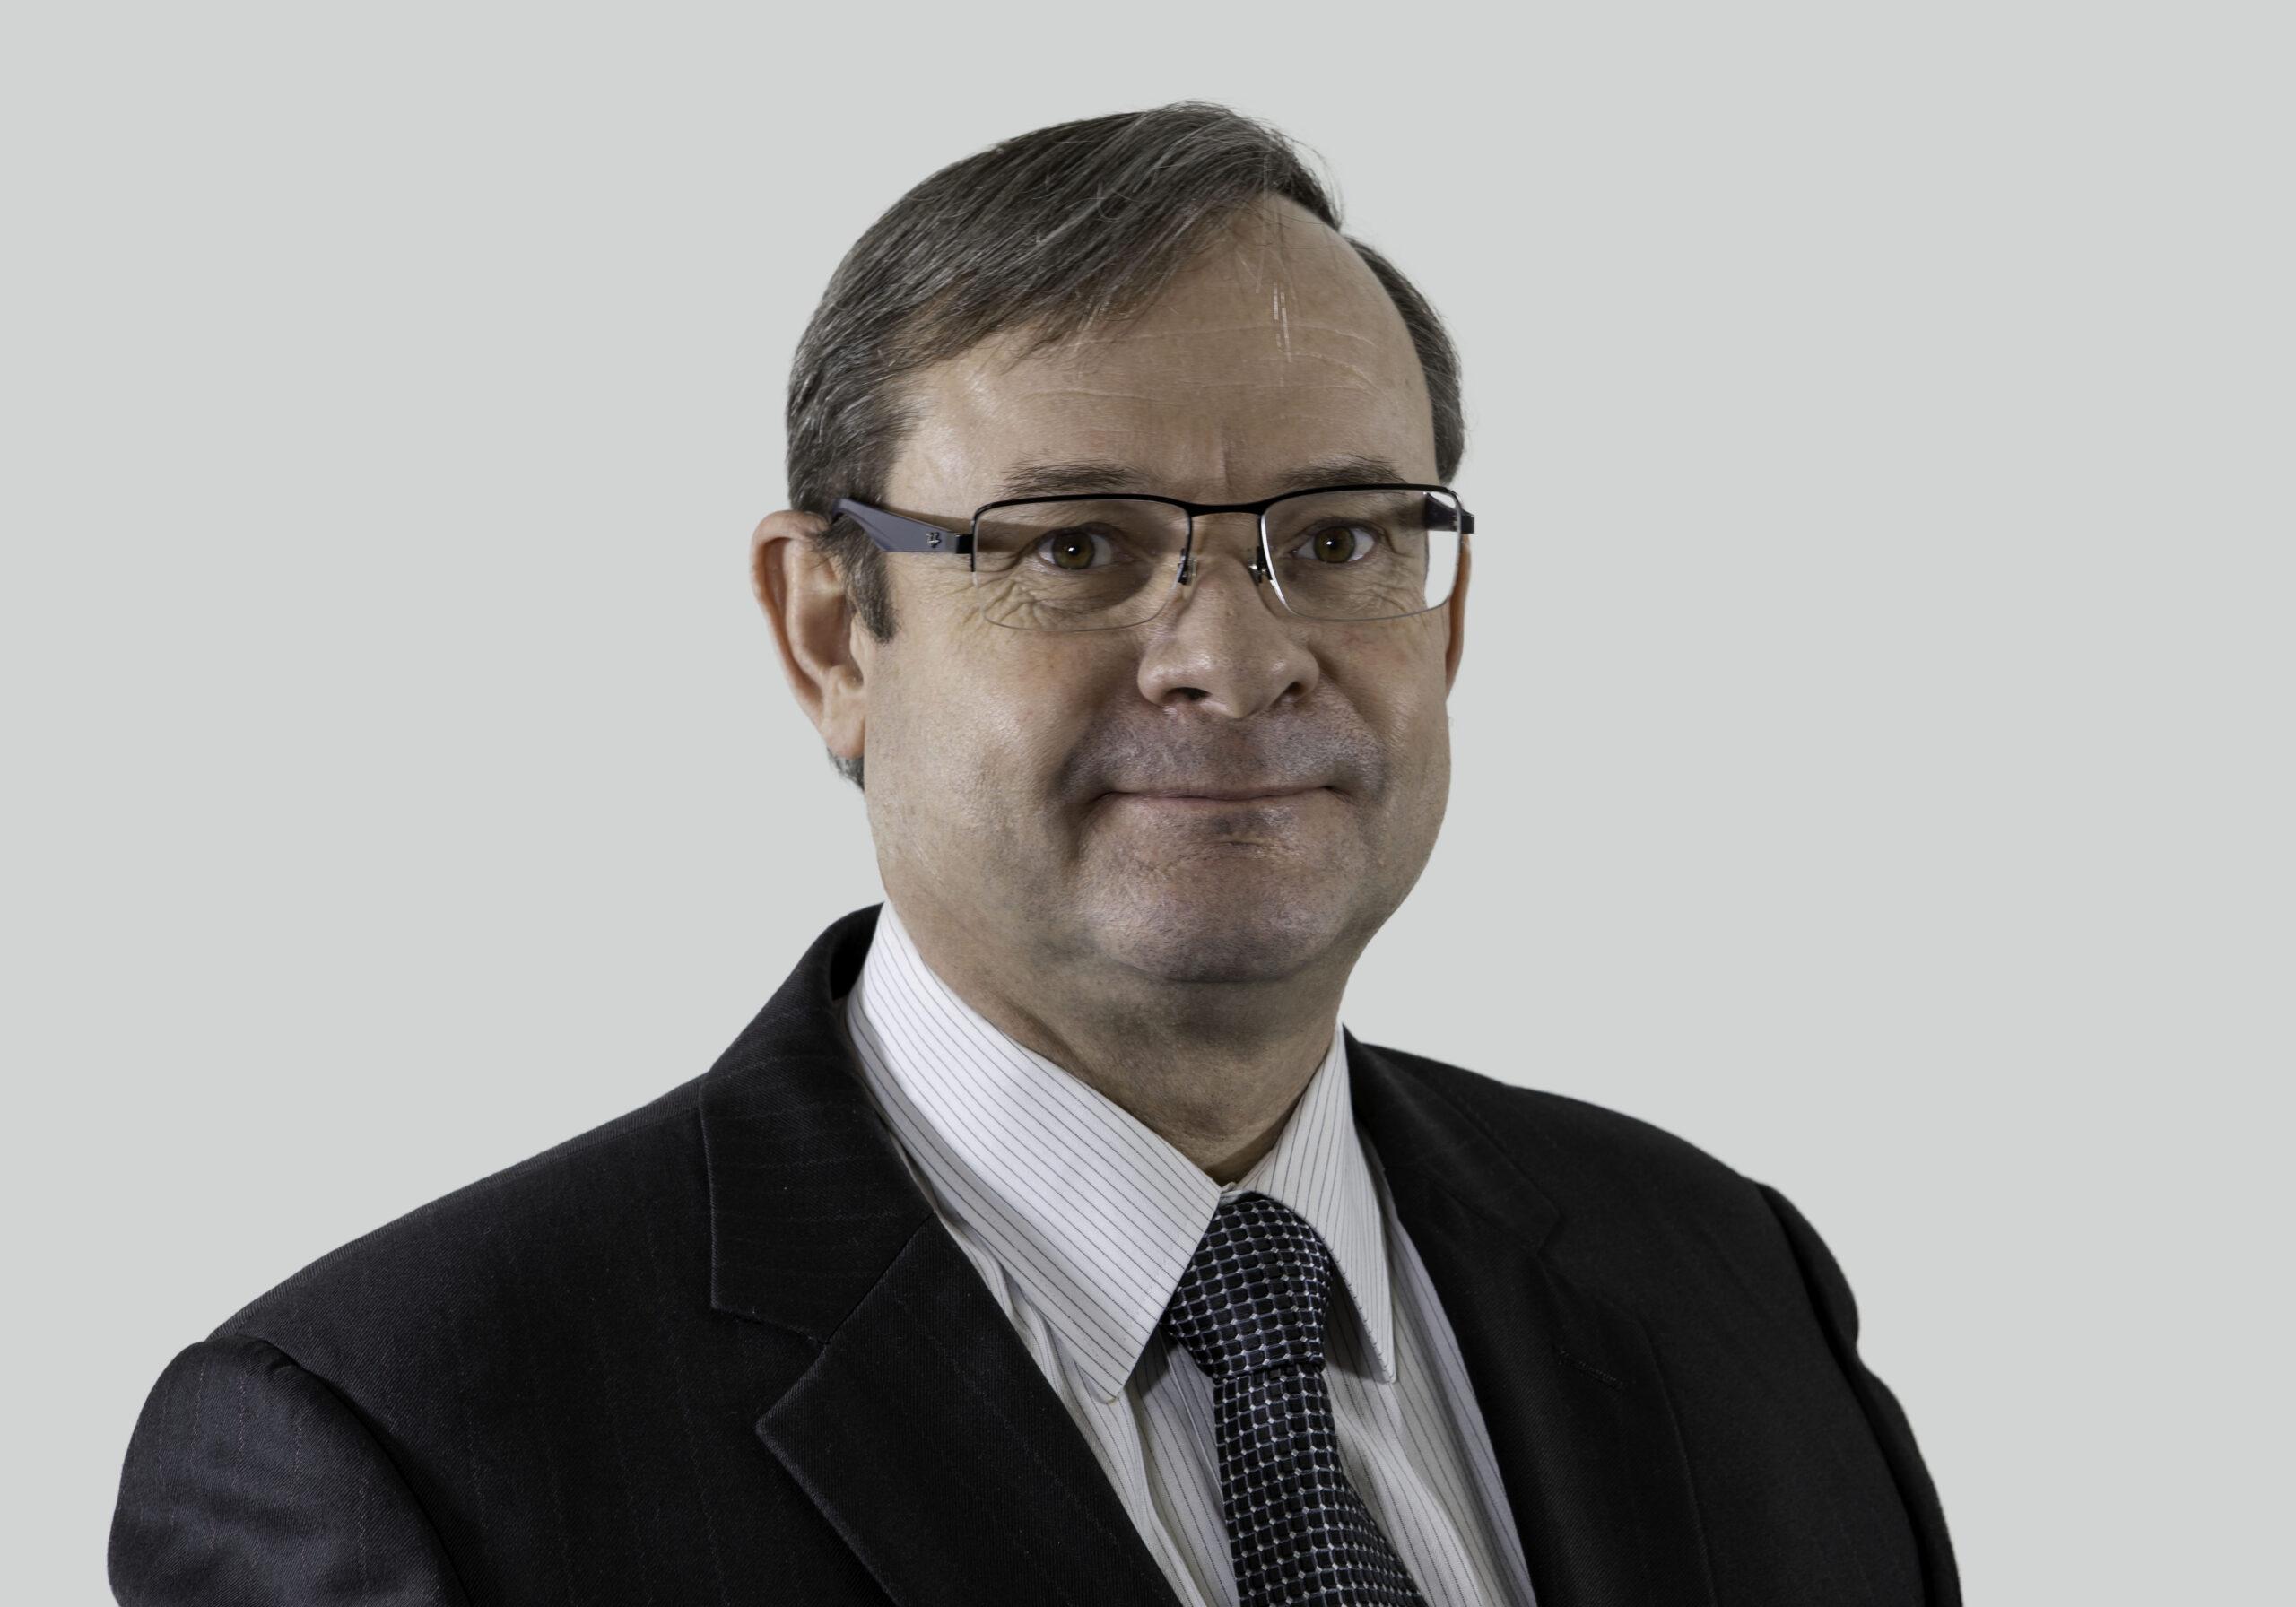 Johann van Wijk